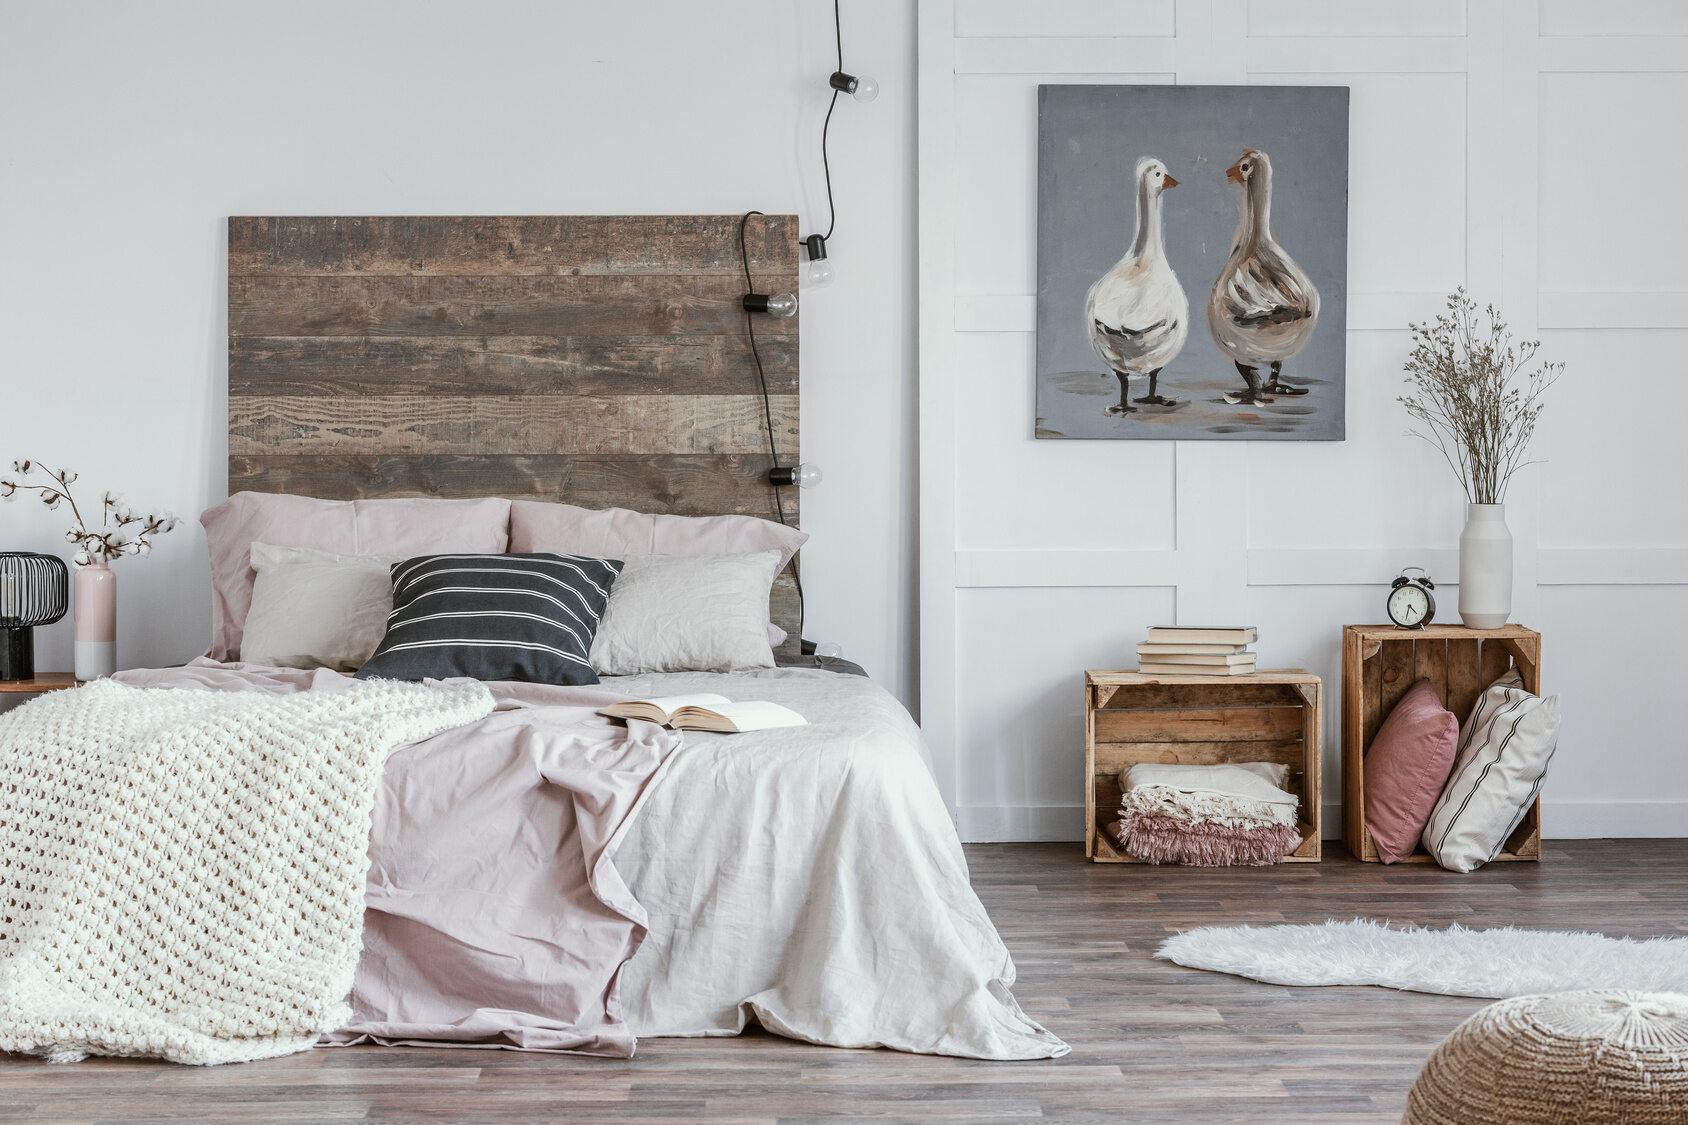 łóżka Drewniane W Wiejskim Stylu